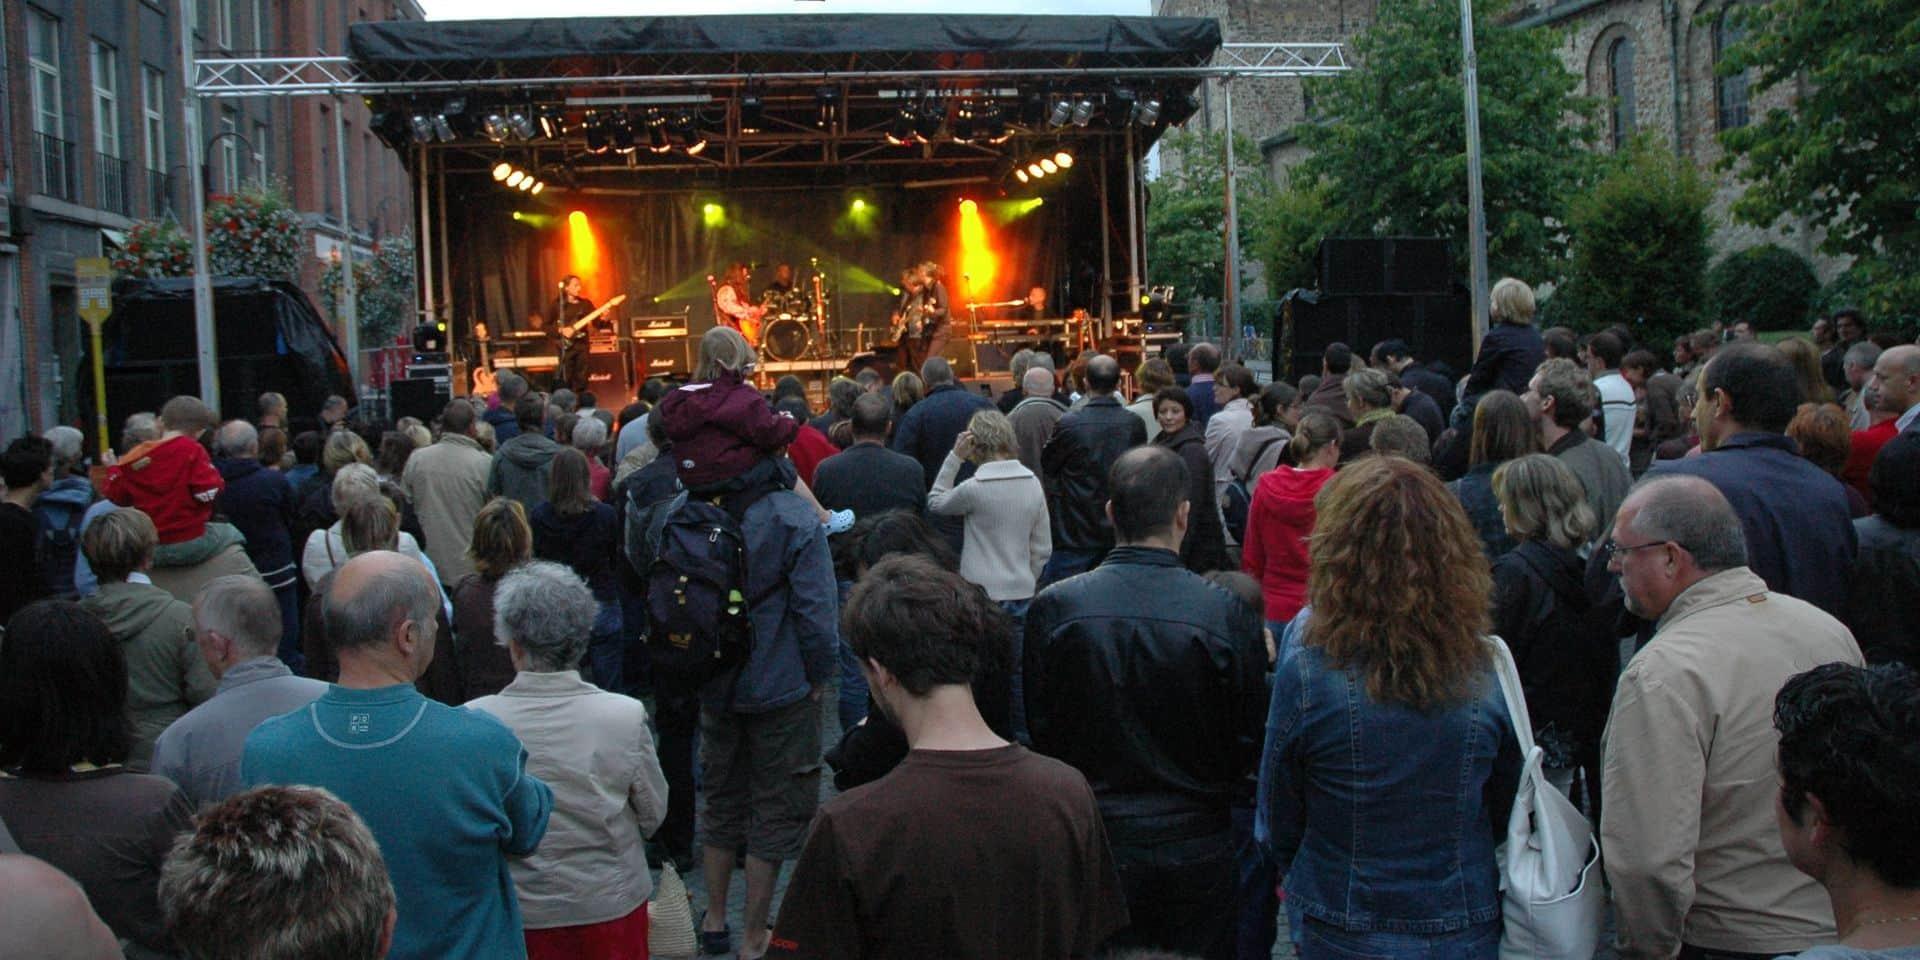 La fête de la musique se déroulera dans le Cloître à Nivelles